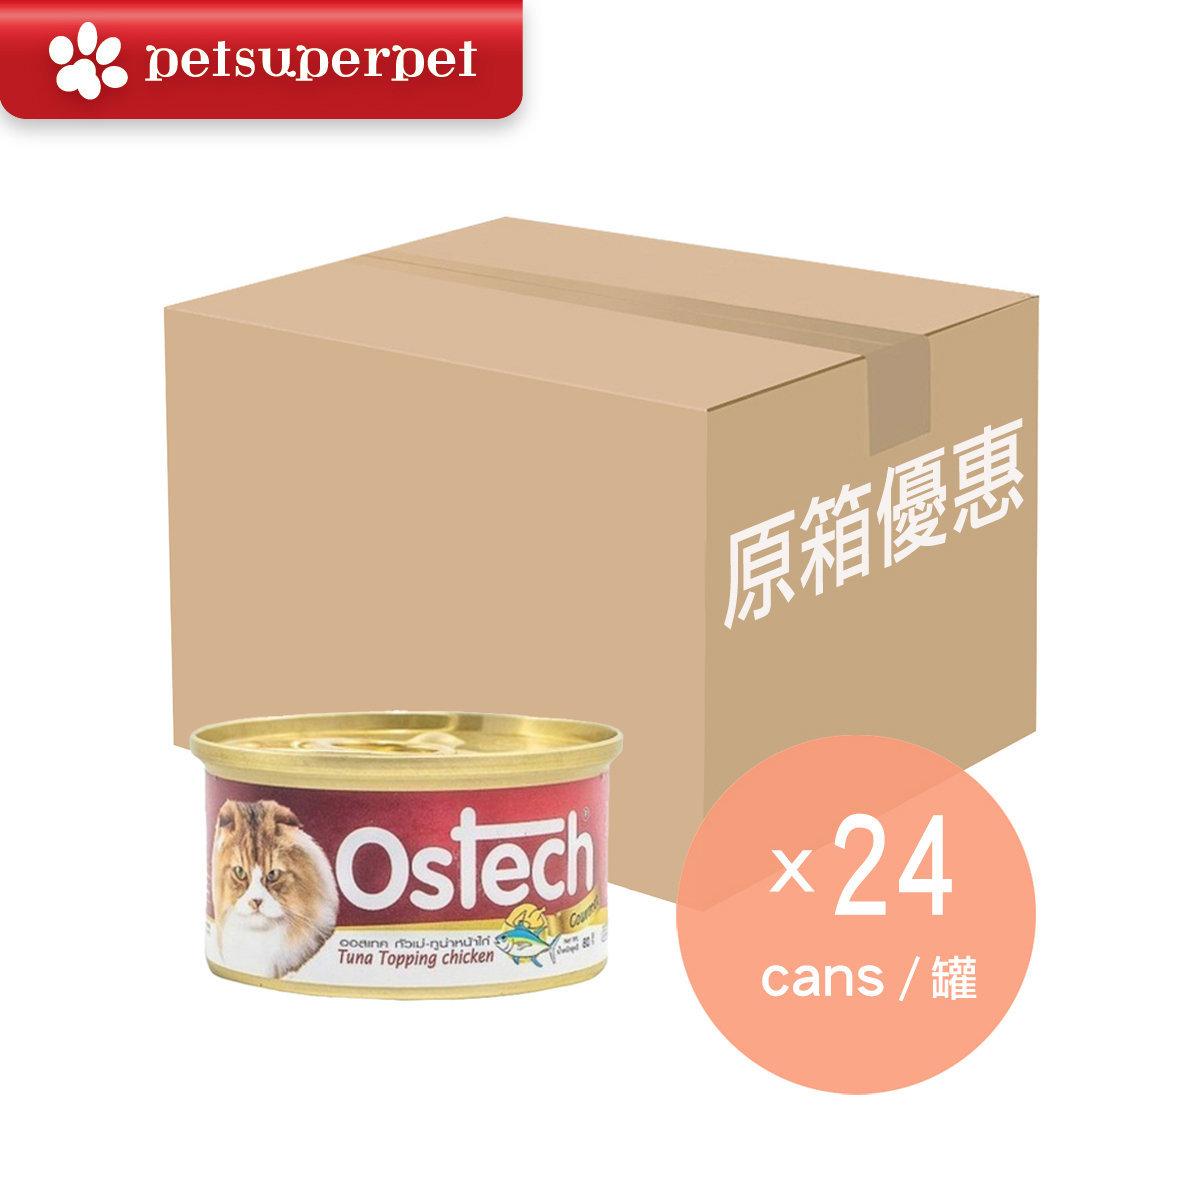 【原箱優惠】泰國吞拿魚 + 雞肉貓罐 (24罐) -  80g x 24